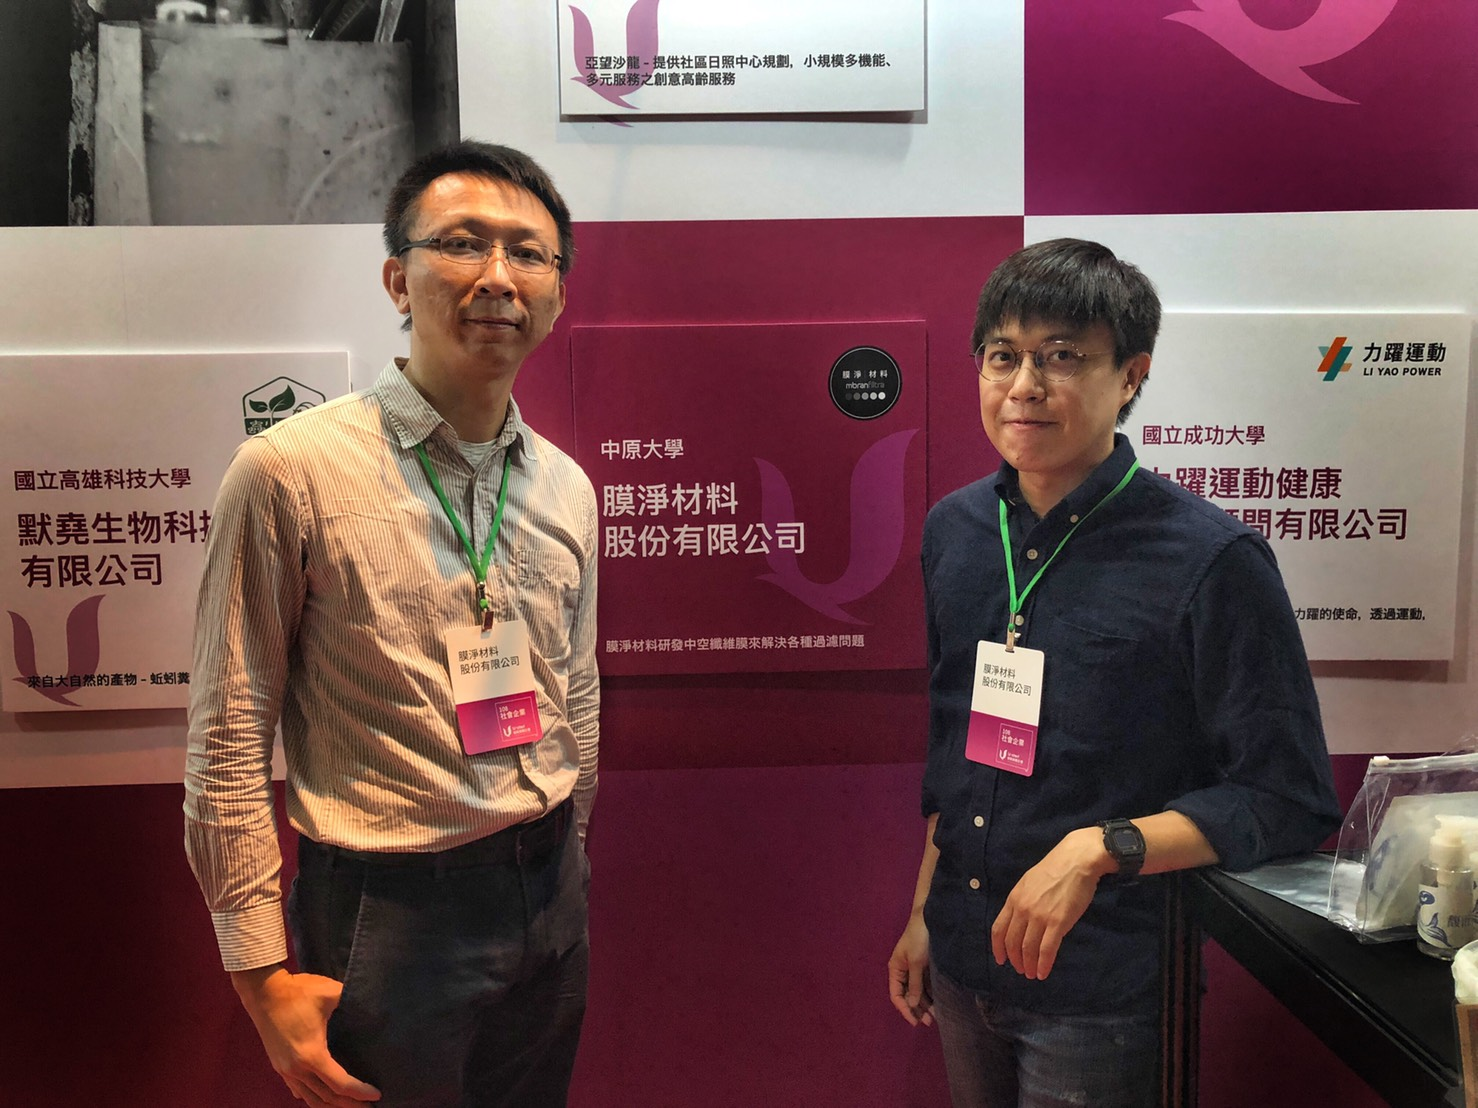 膜淨材料股份有限公司代表人張旭賢(左)即膜淨材料股份有限公司技術長陳柏瑜(右)